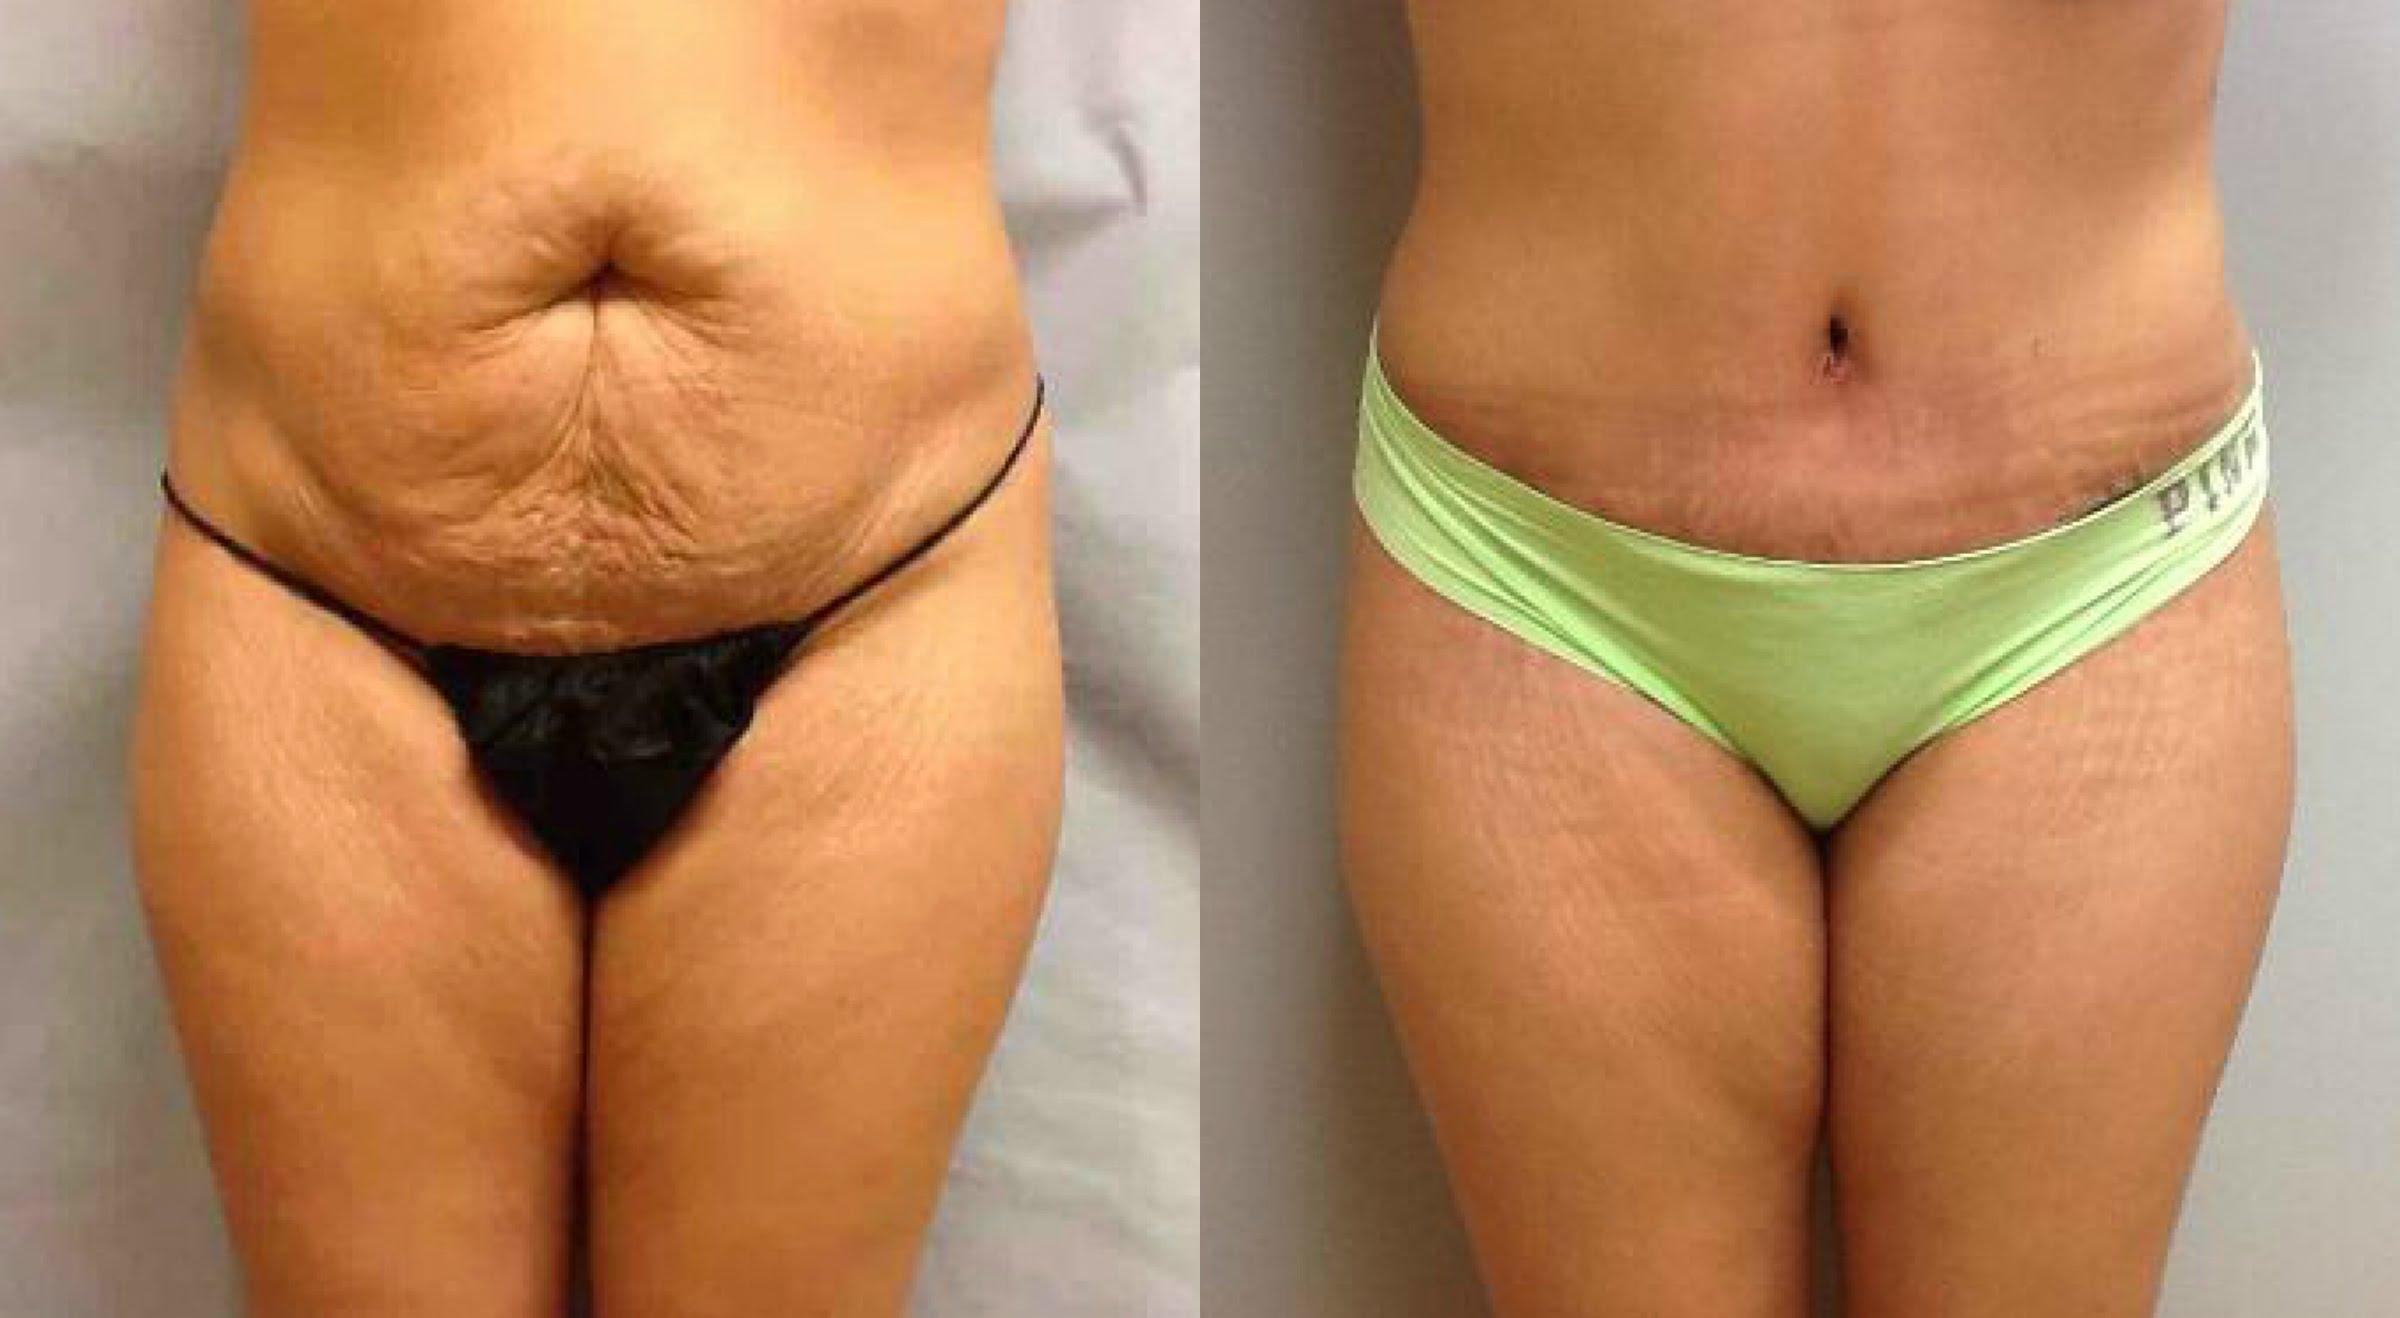 liposuction merkezi ücretleri, liposuction yaptırma